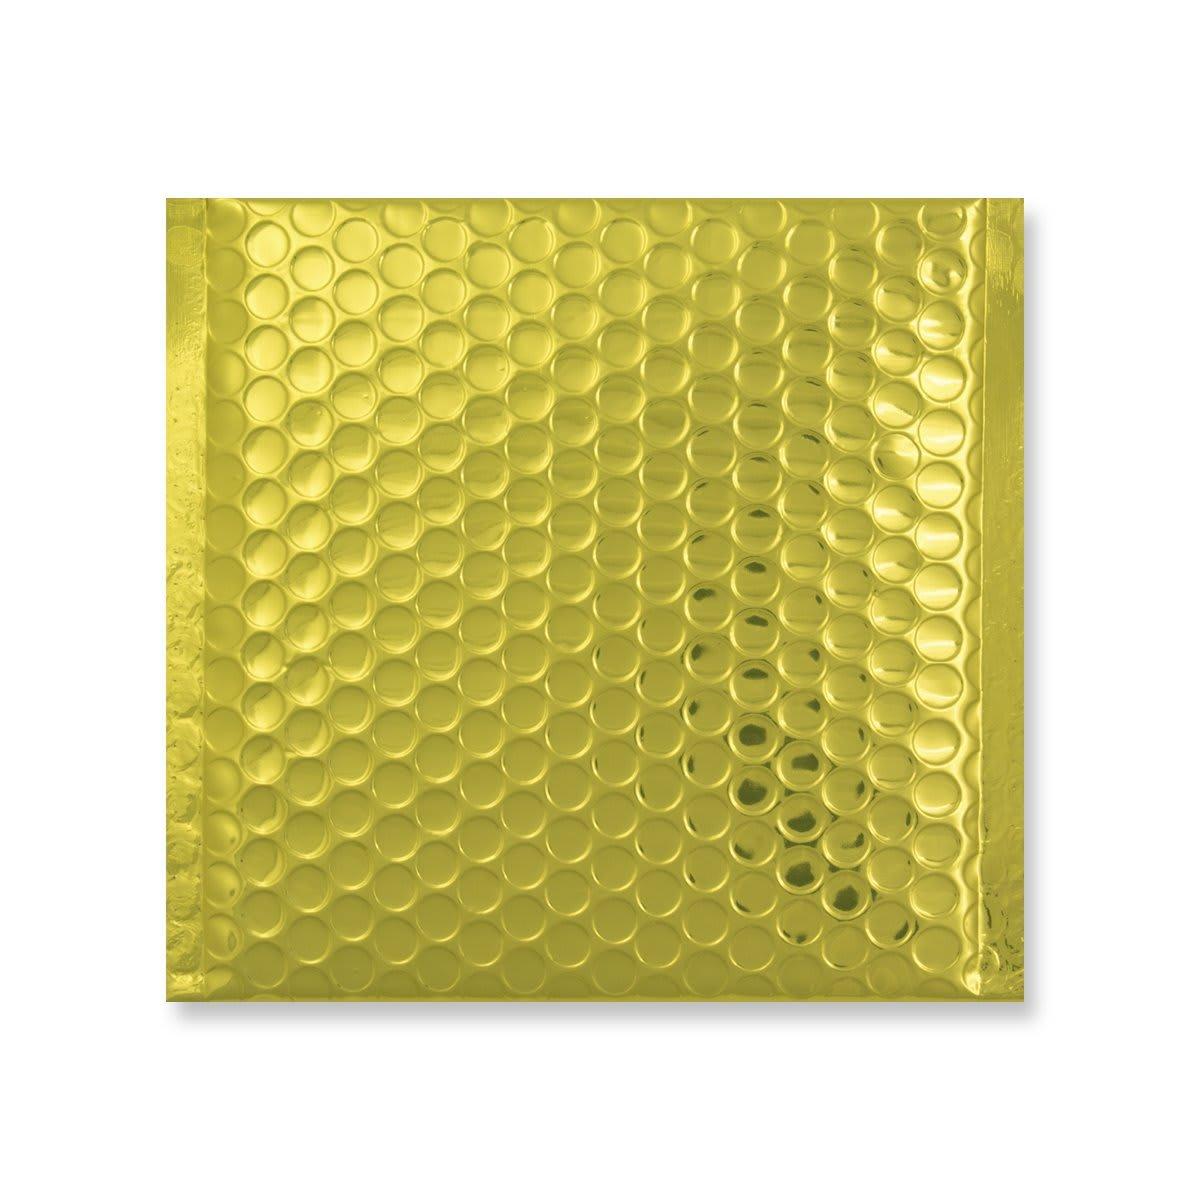 165MM SQUARE GLOSS METALLIC GOLD PADDED ENVELOPES